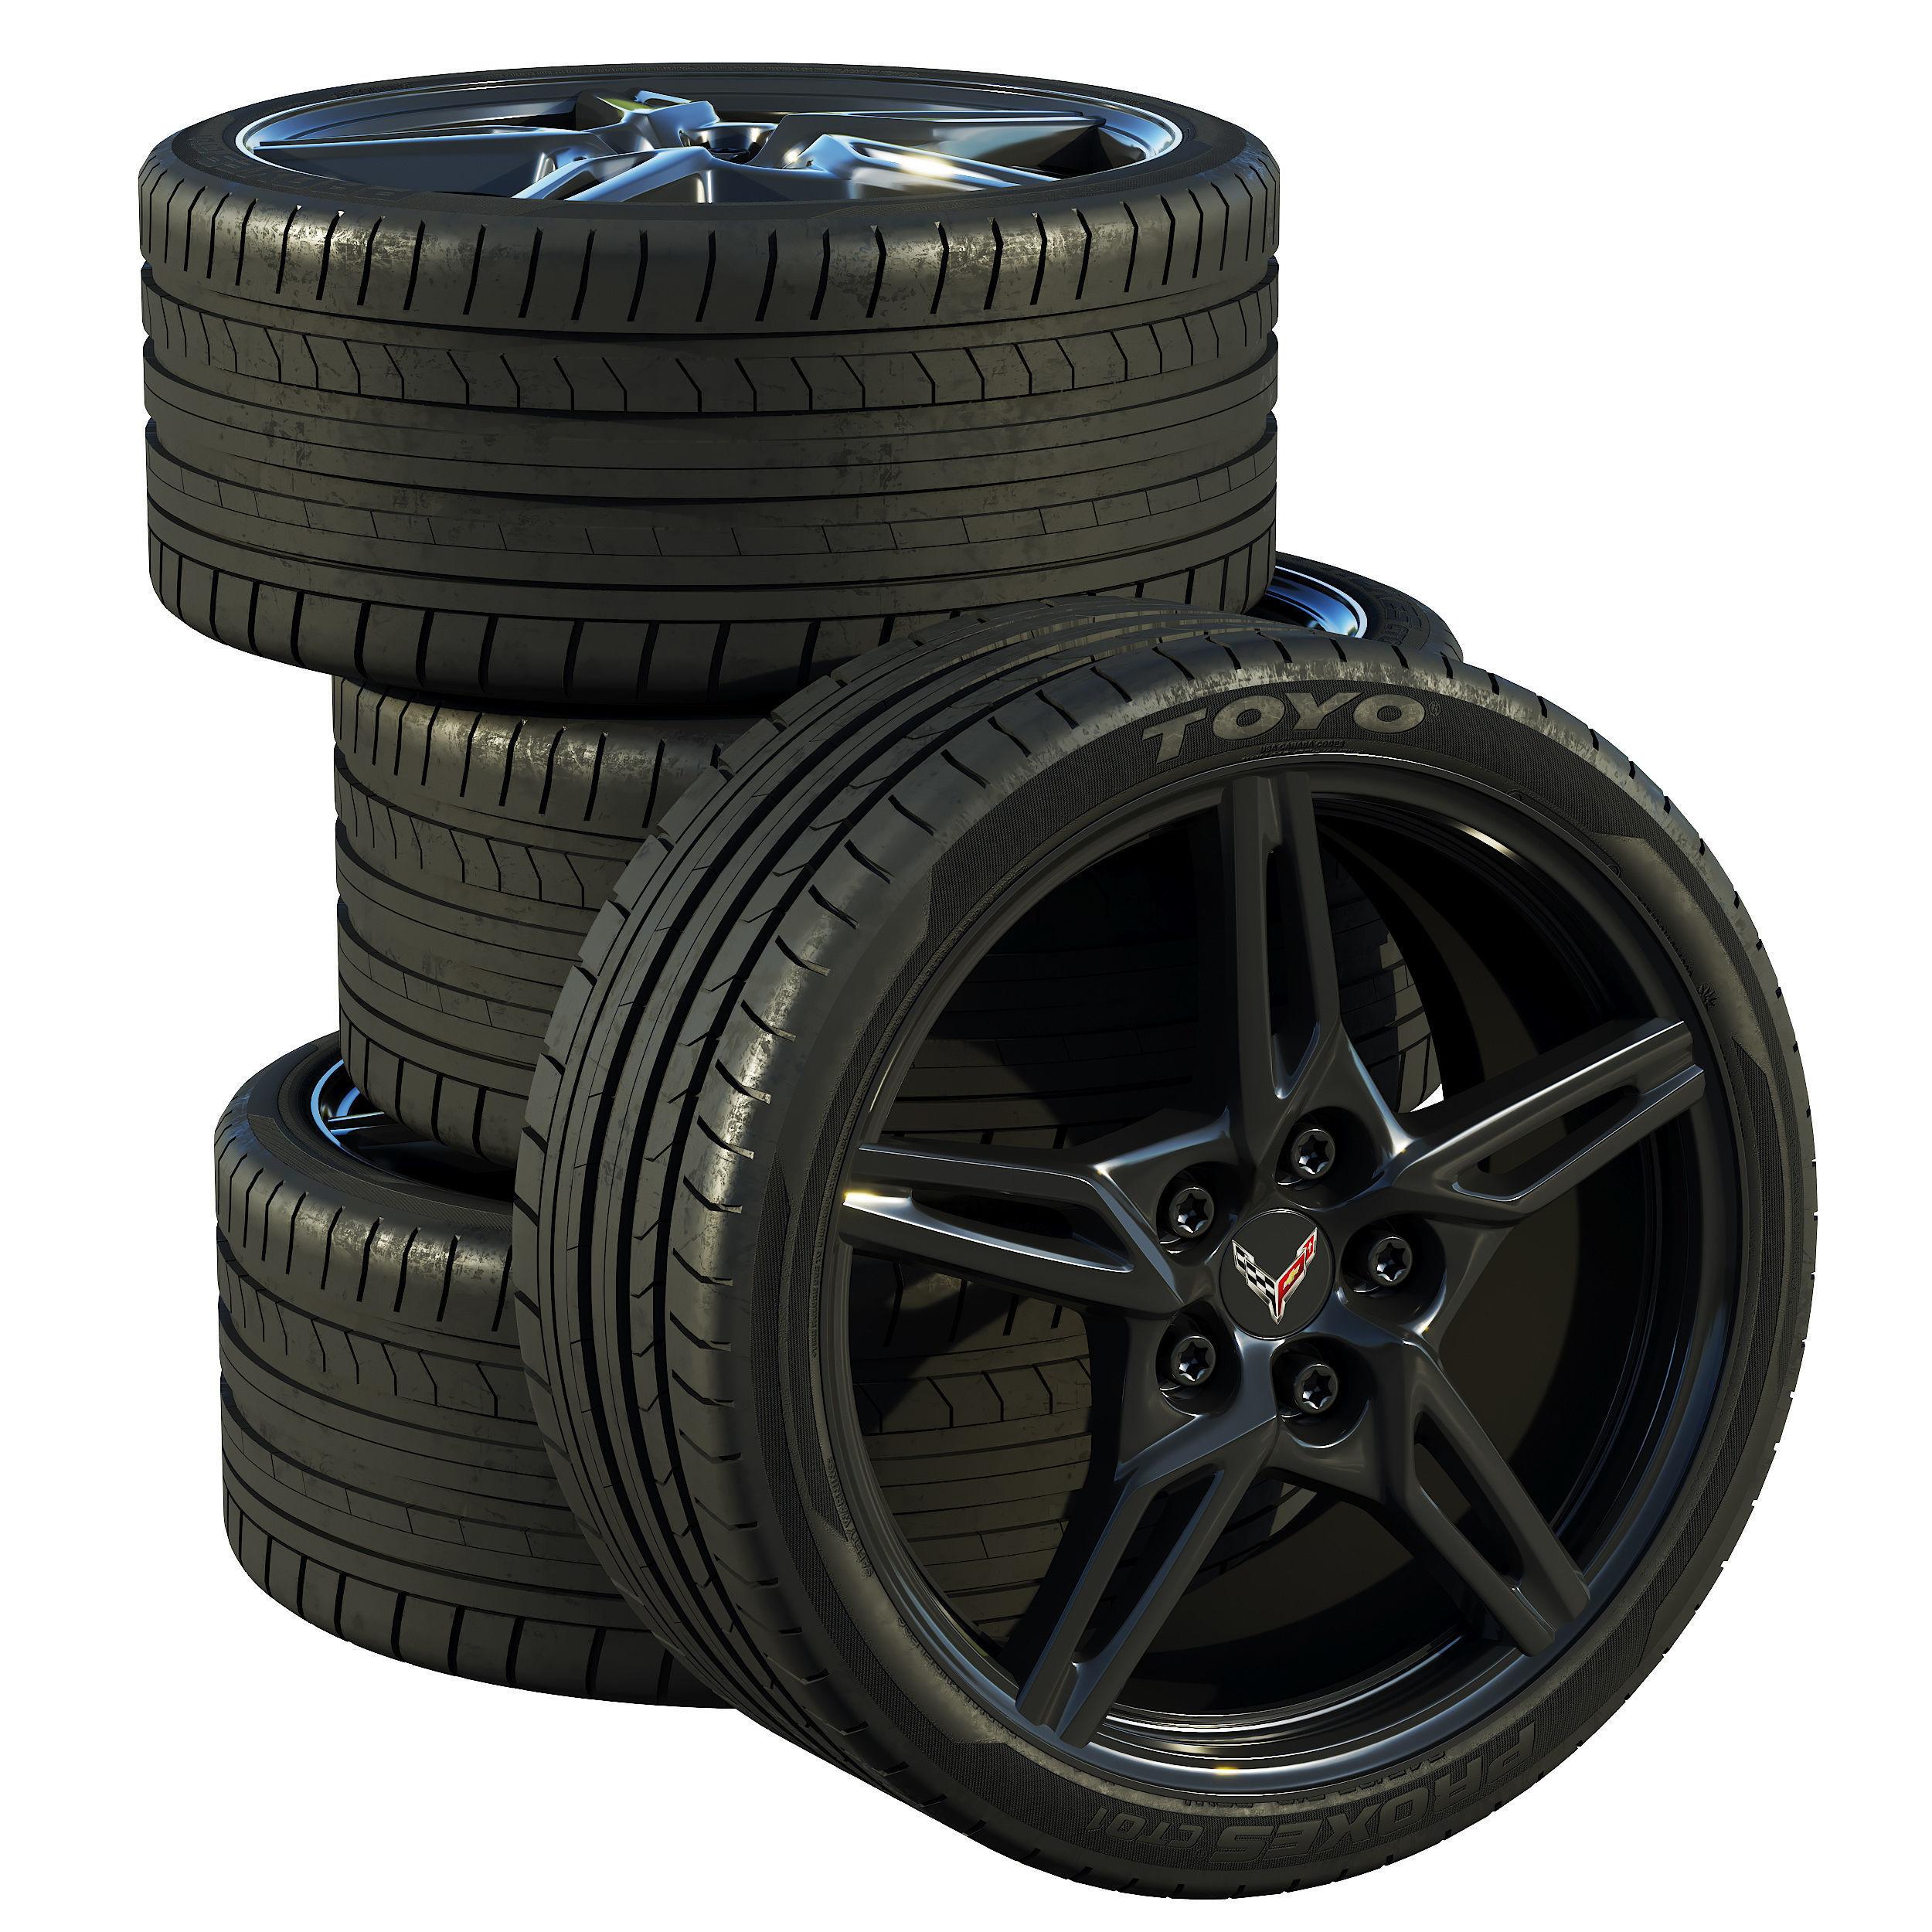 Chevrolet Corvette C8 2020 wheels